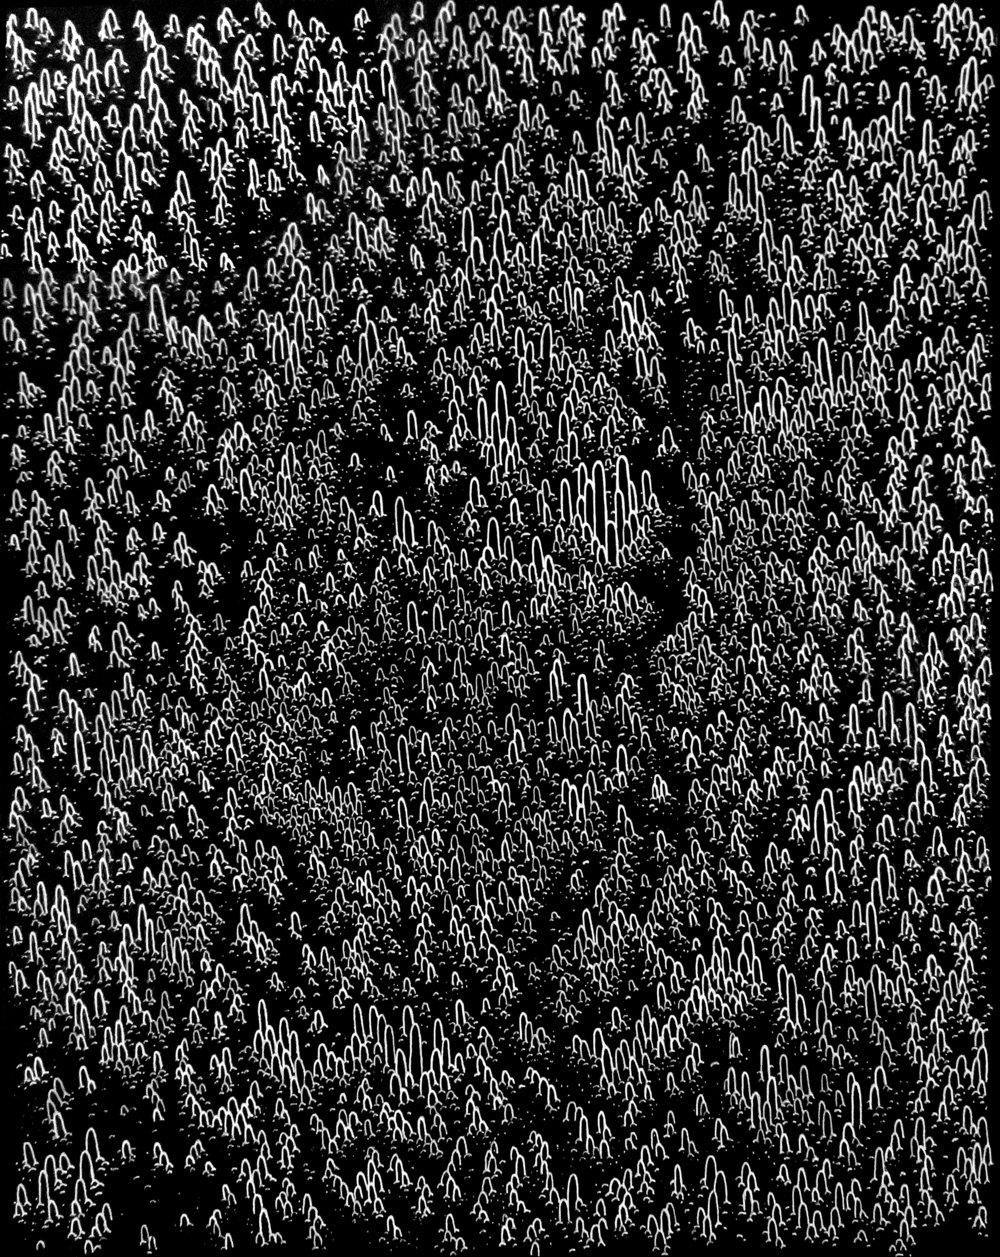 Peaks+and+Valleys.jpg